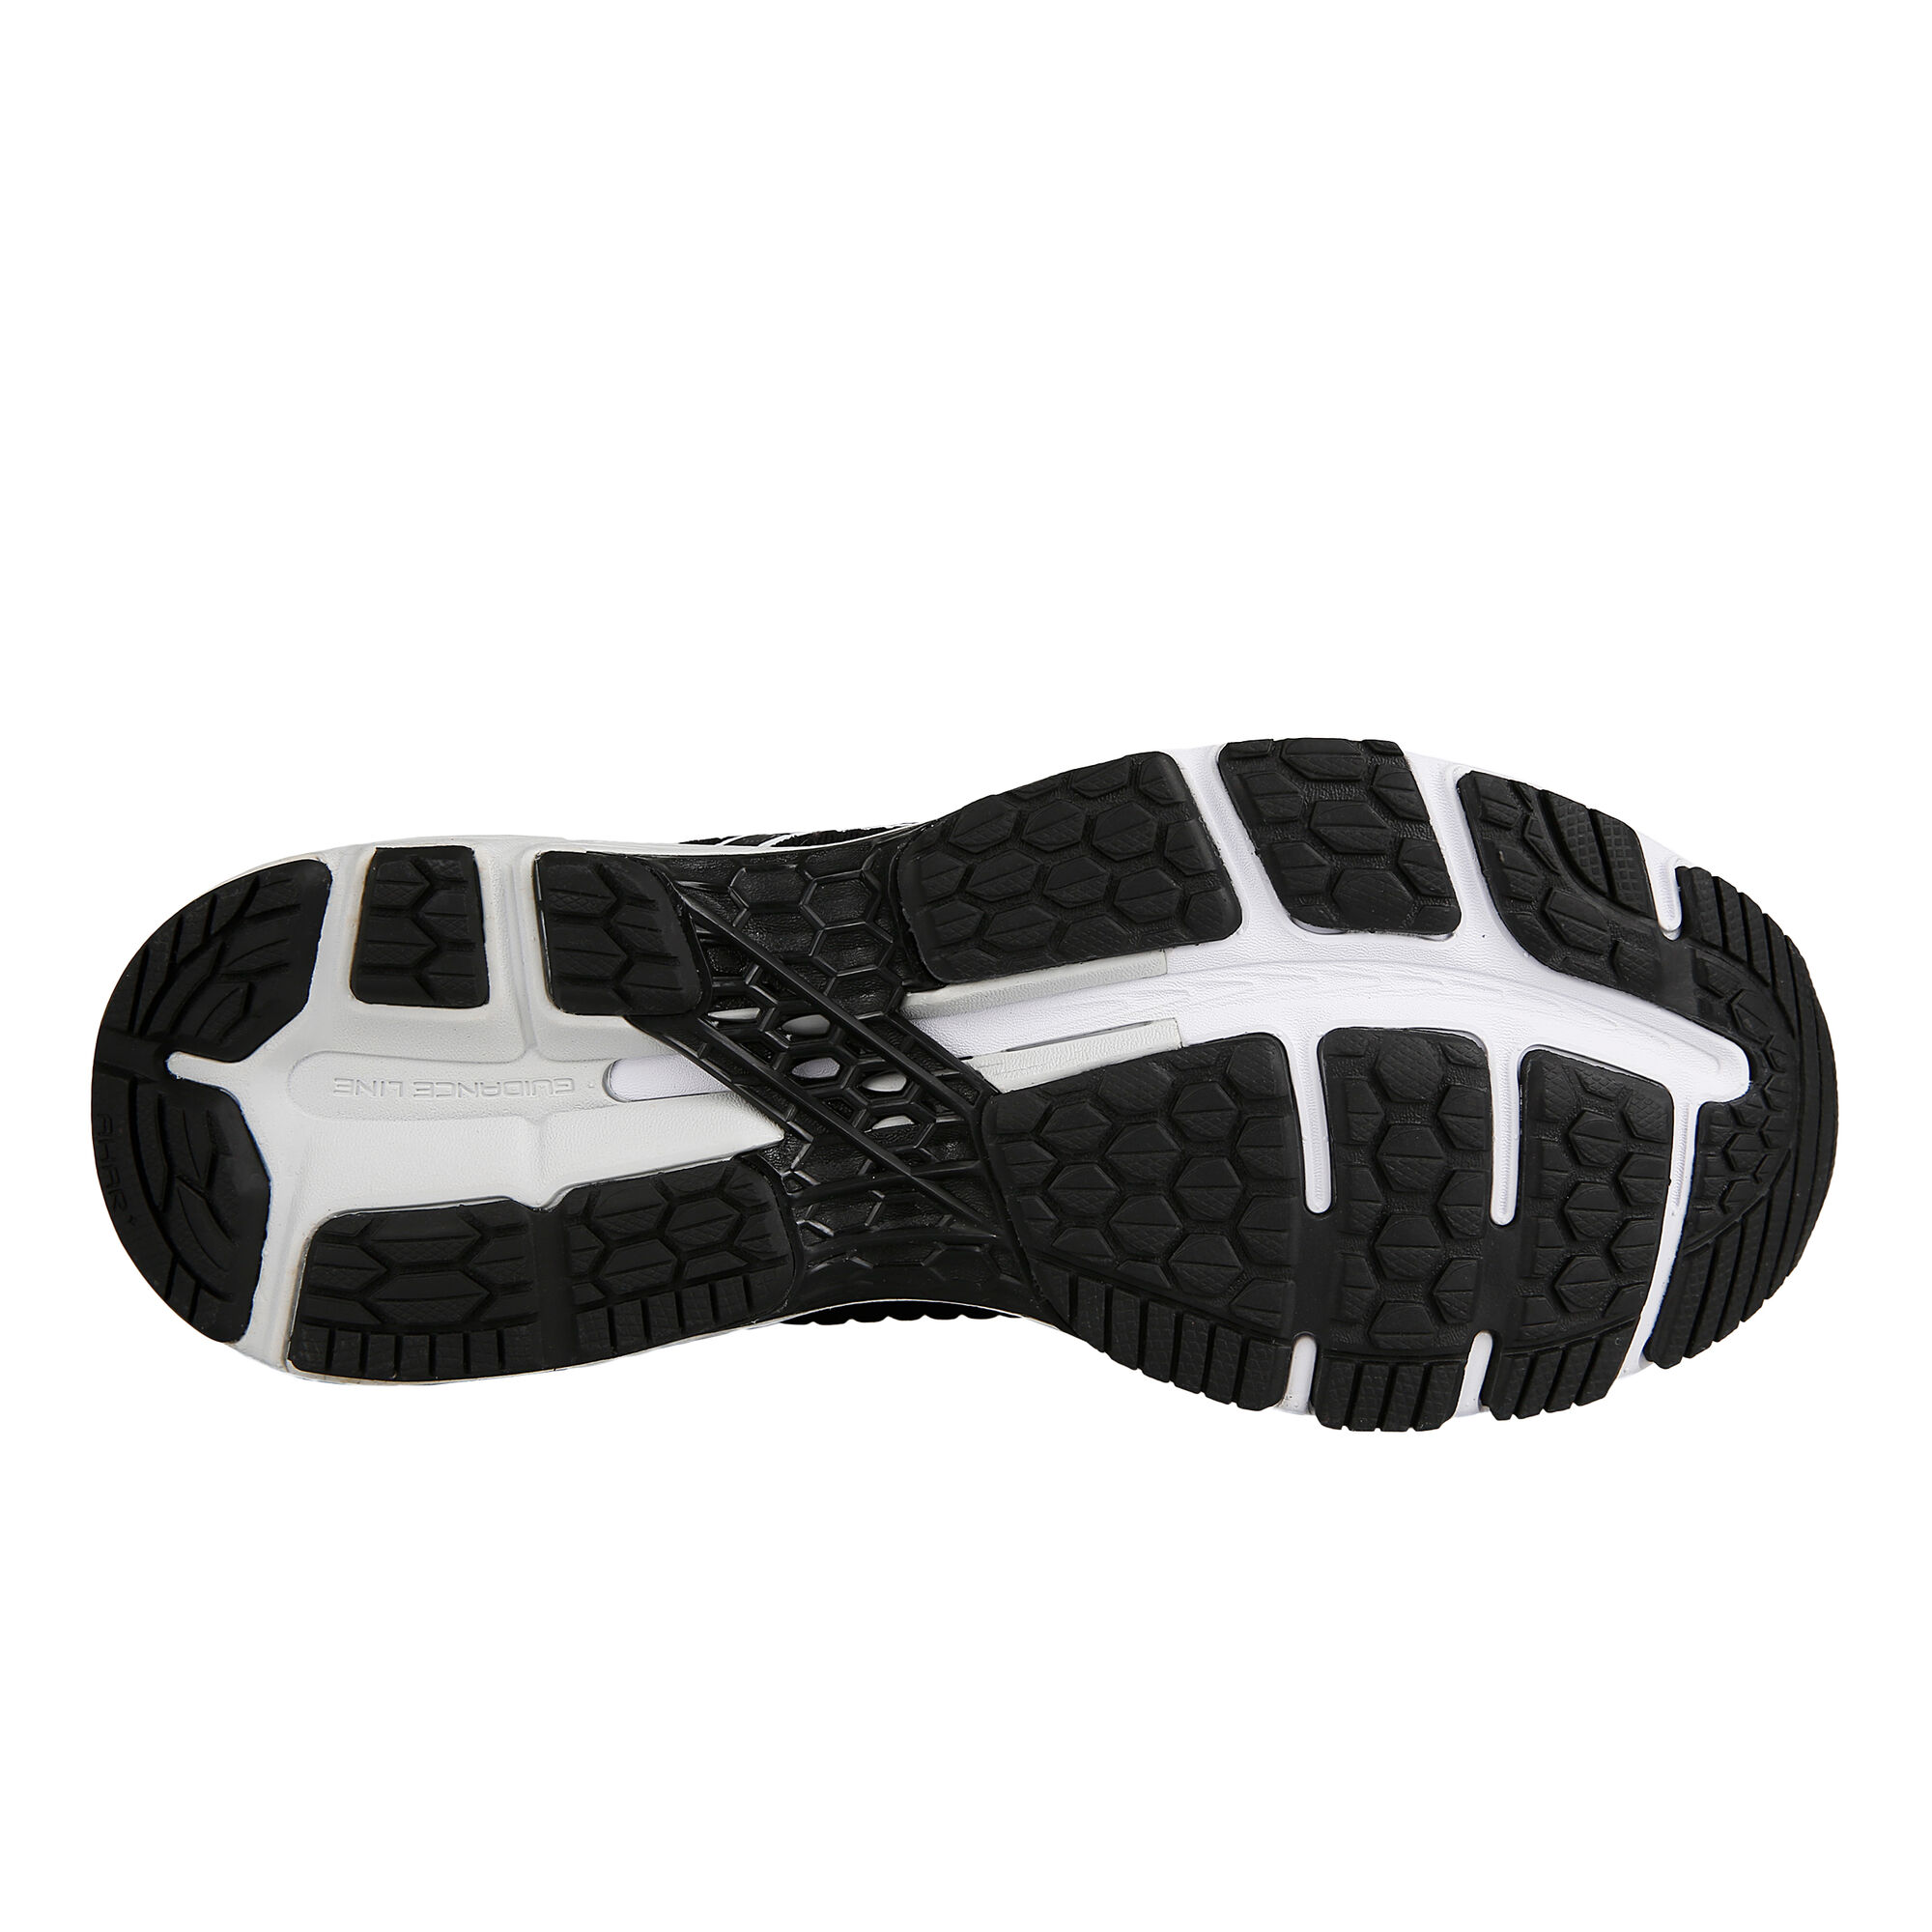 47e18efa6ba buy Asics Gel-Kayano 25 Stability Running Shoe Men - Black